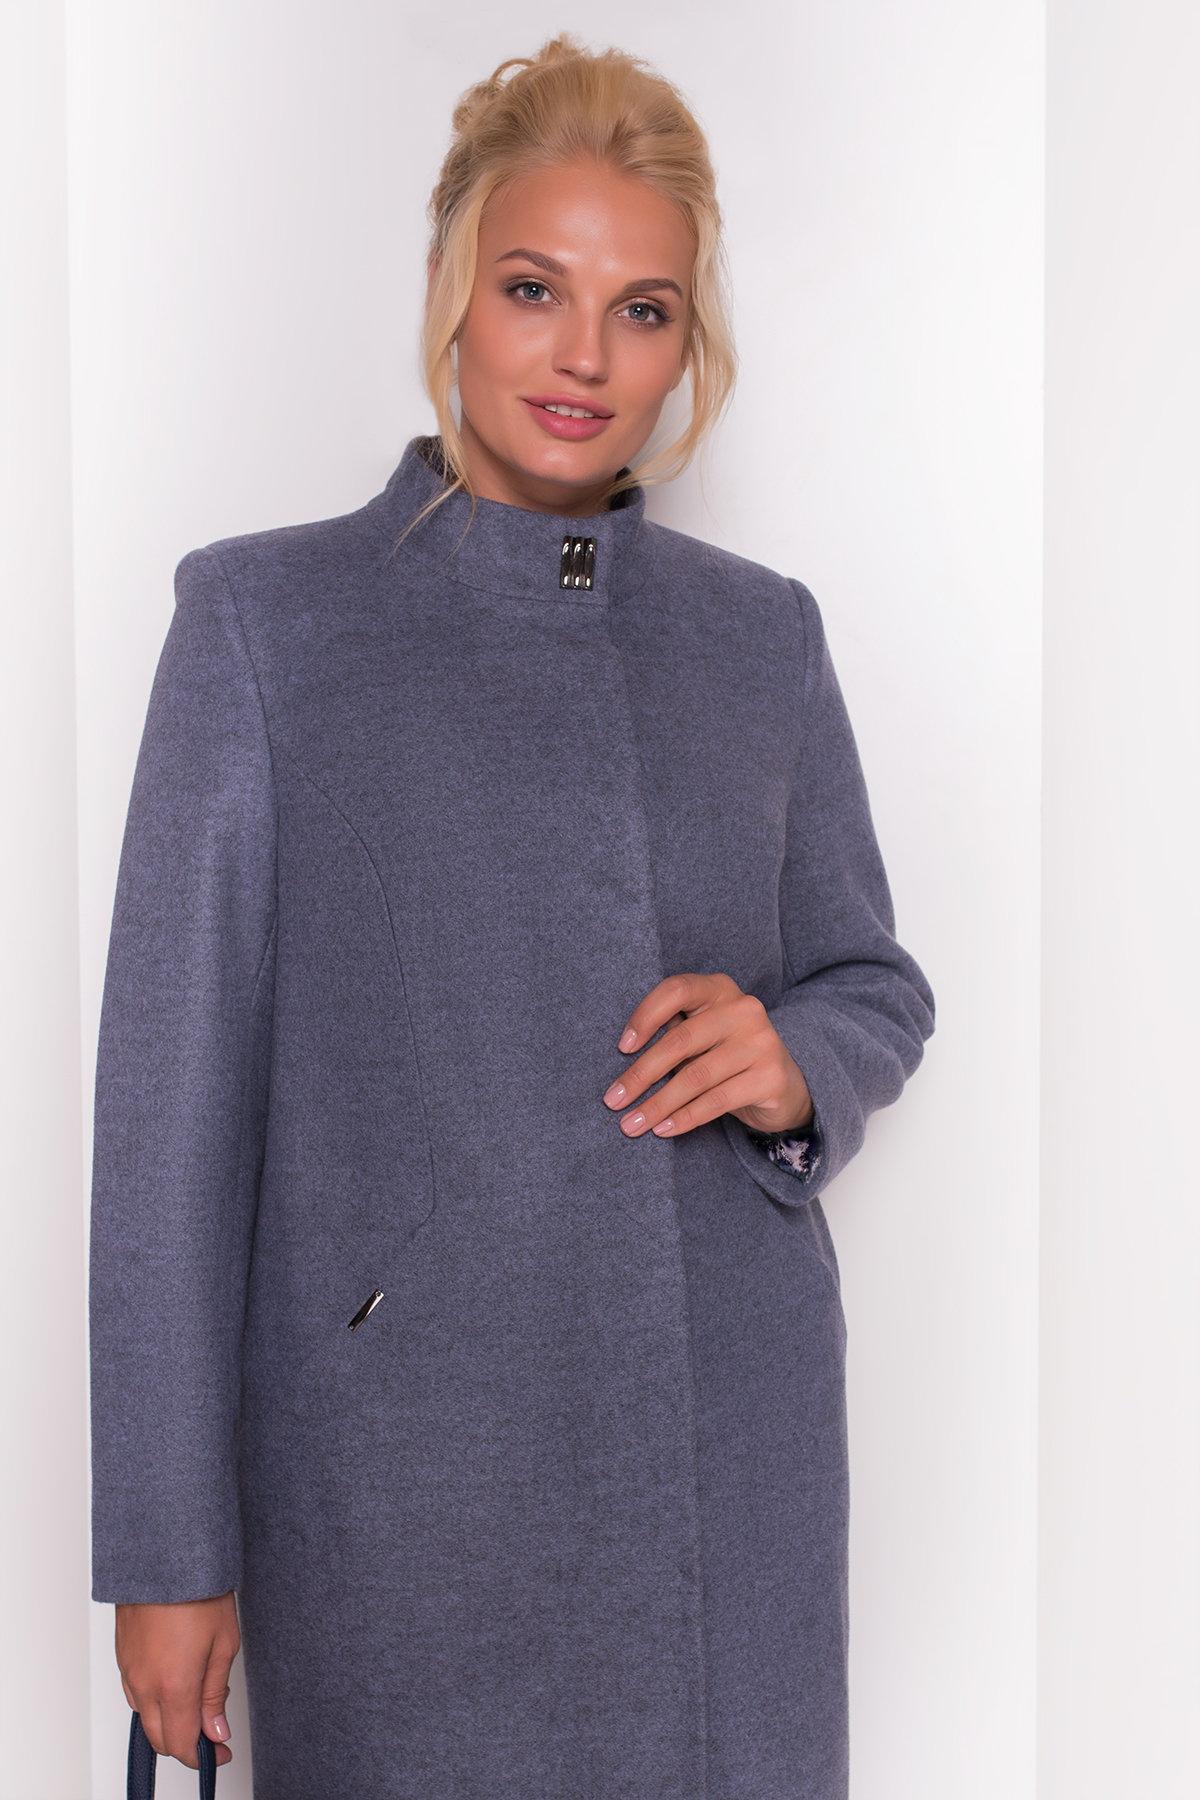 Пальто Сплит DONNA 4466 АРТ. 21353 Цвет: Серый 3 - фото 3, интернет магазин tm-modus.ru